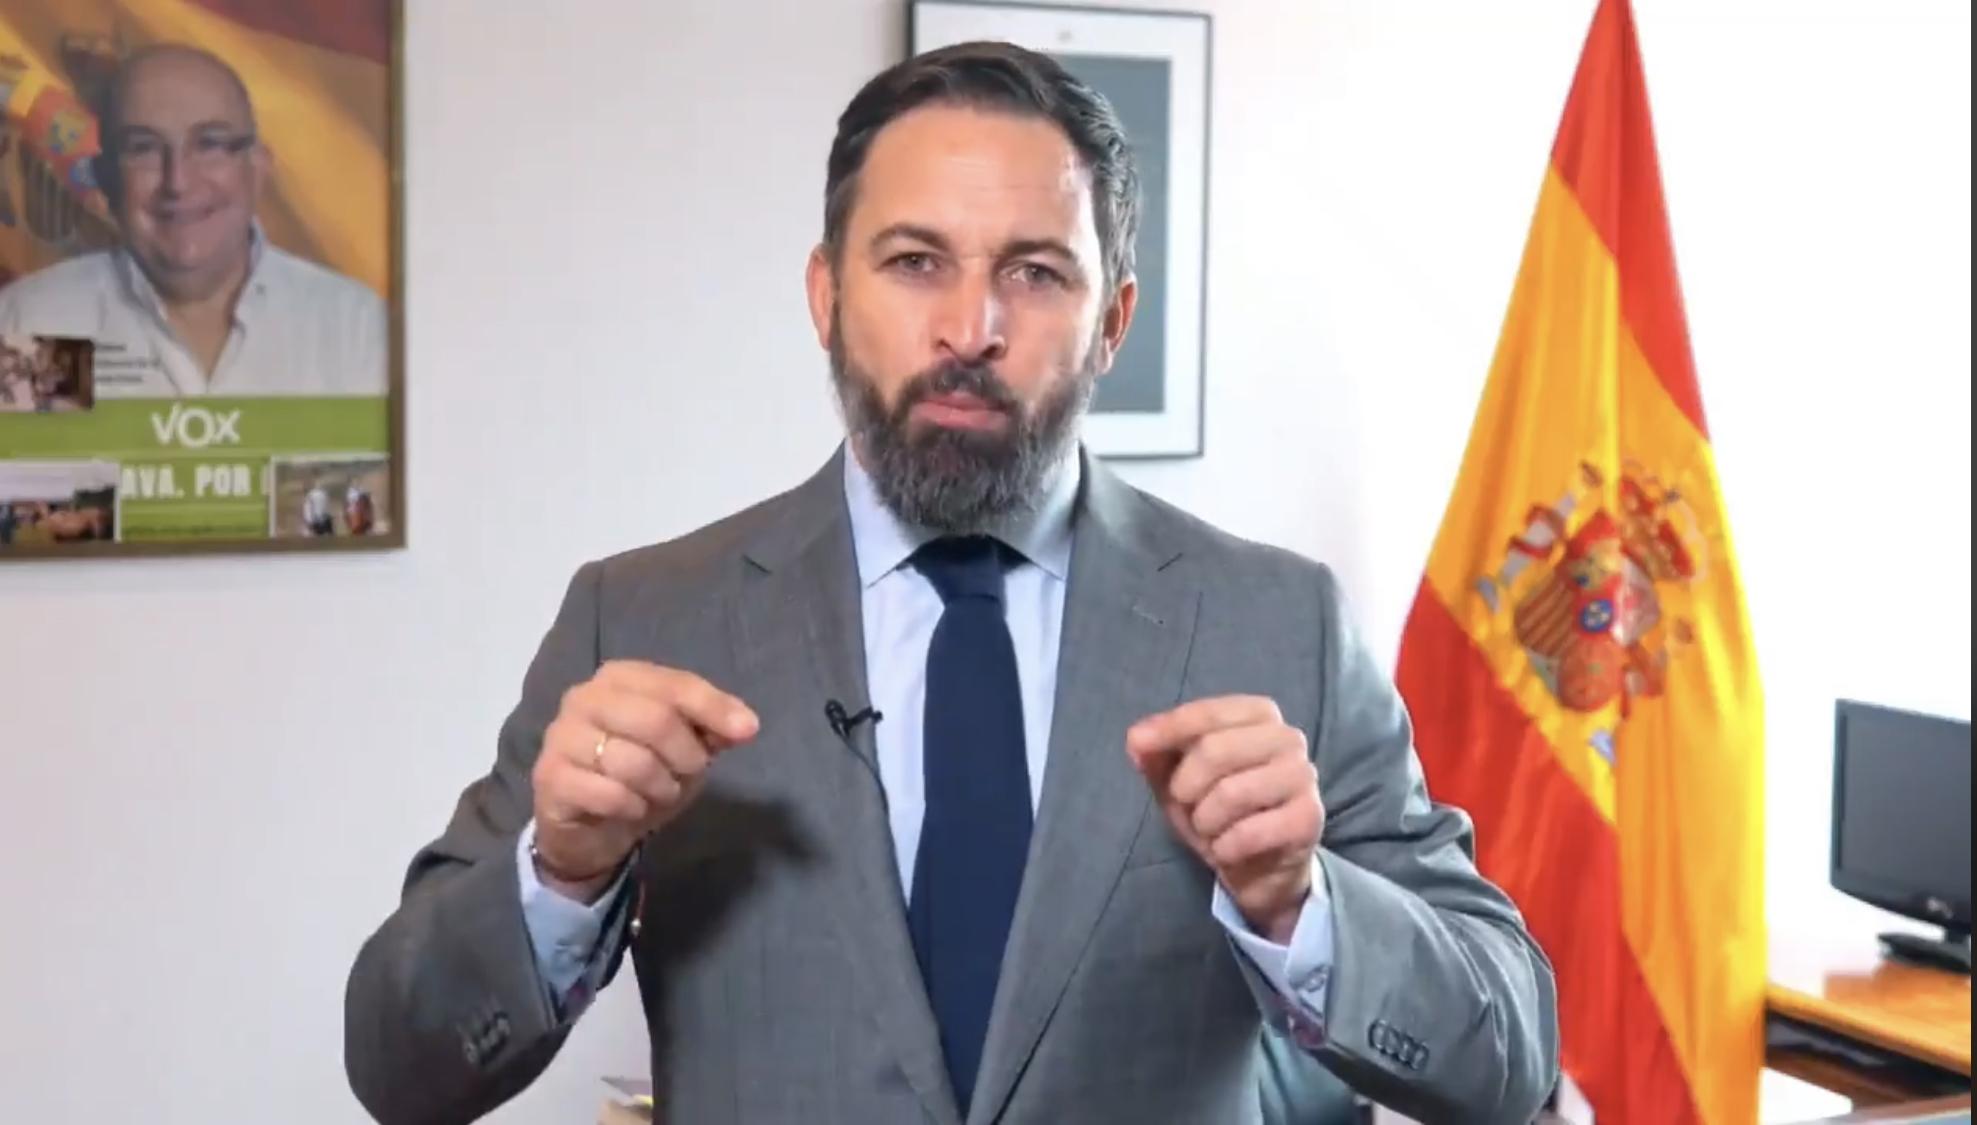 دفاعاً عن المغاربة.. تويتر يحذف حساب حزب فوكس الإسباني المتطرف !